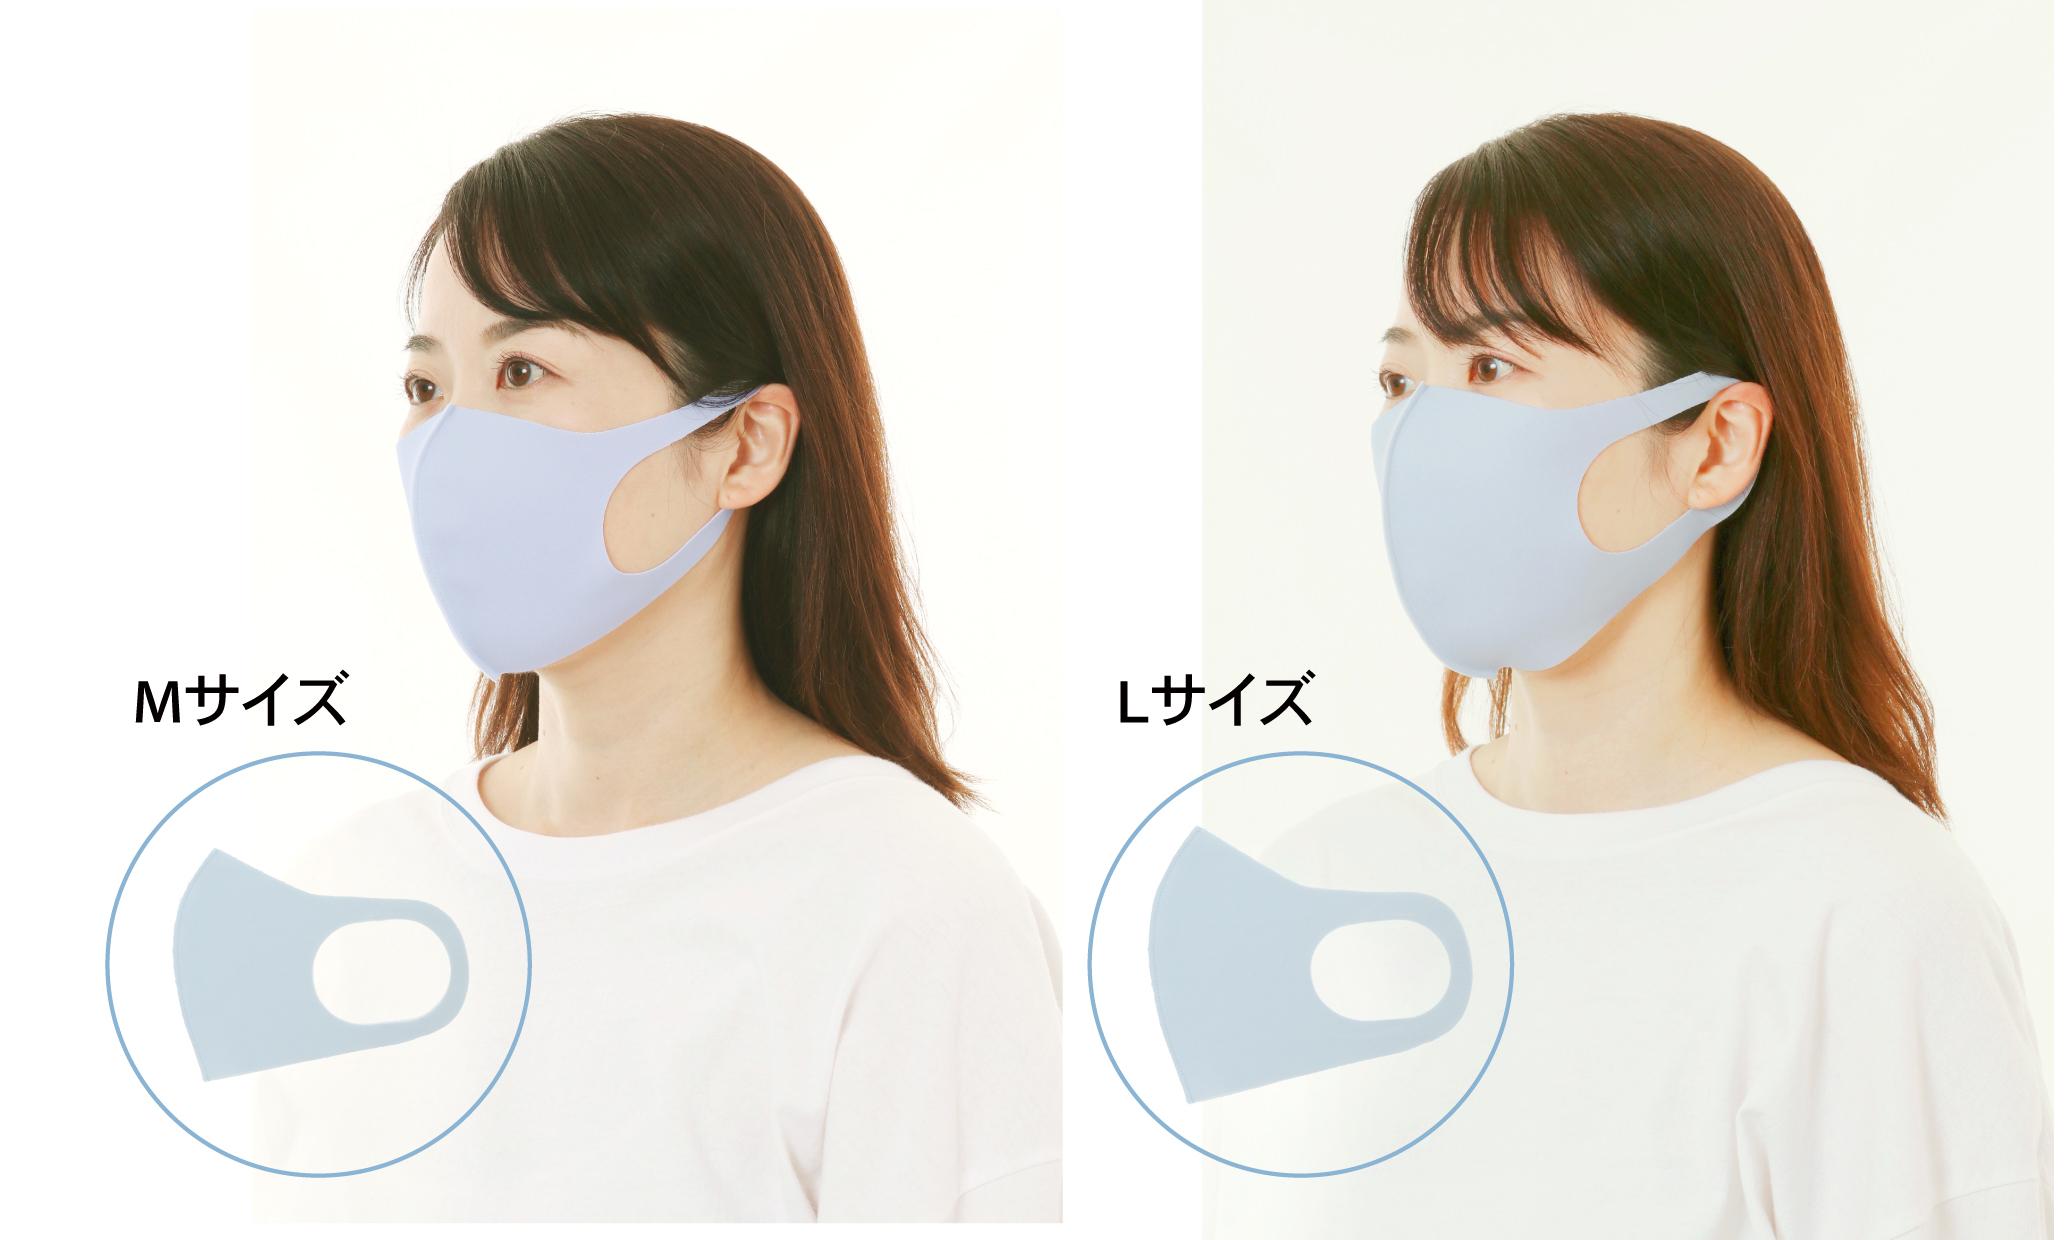 サイズ マスク l